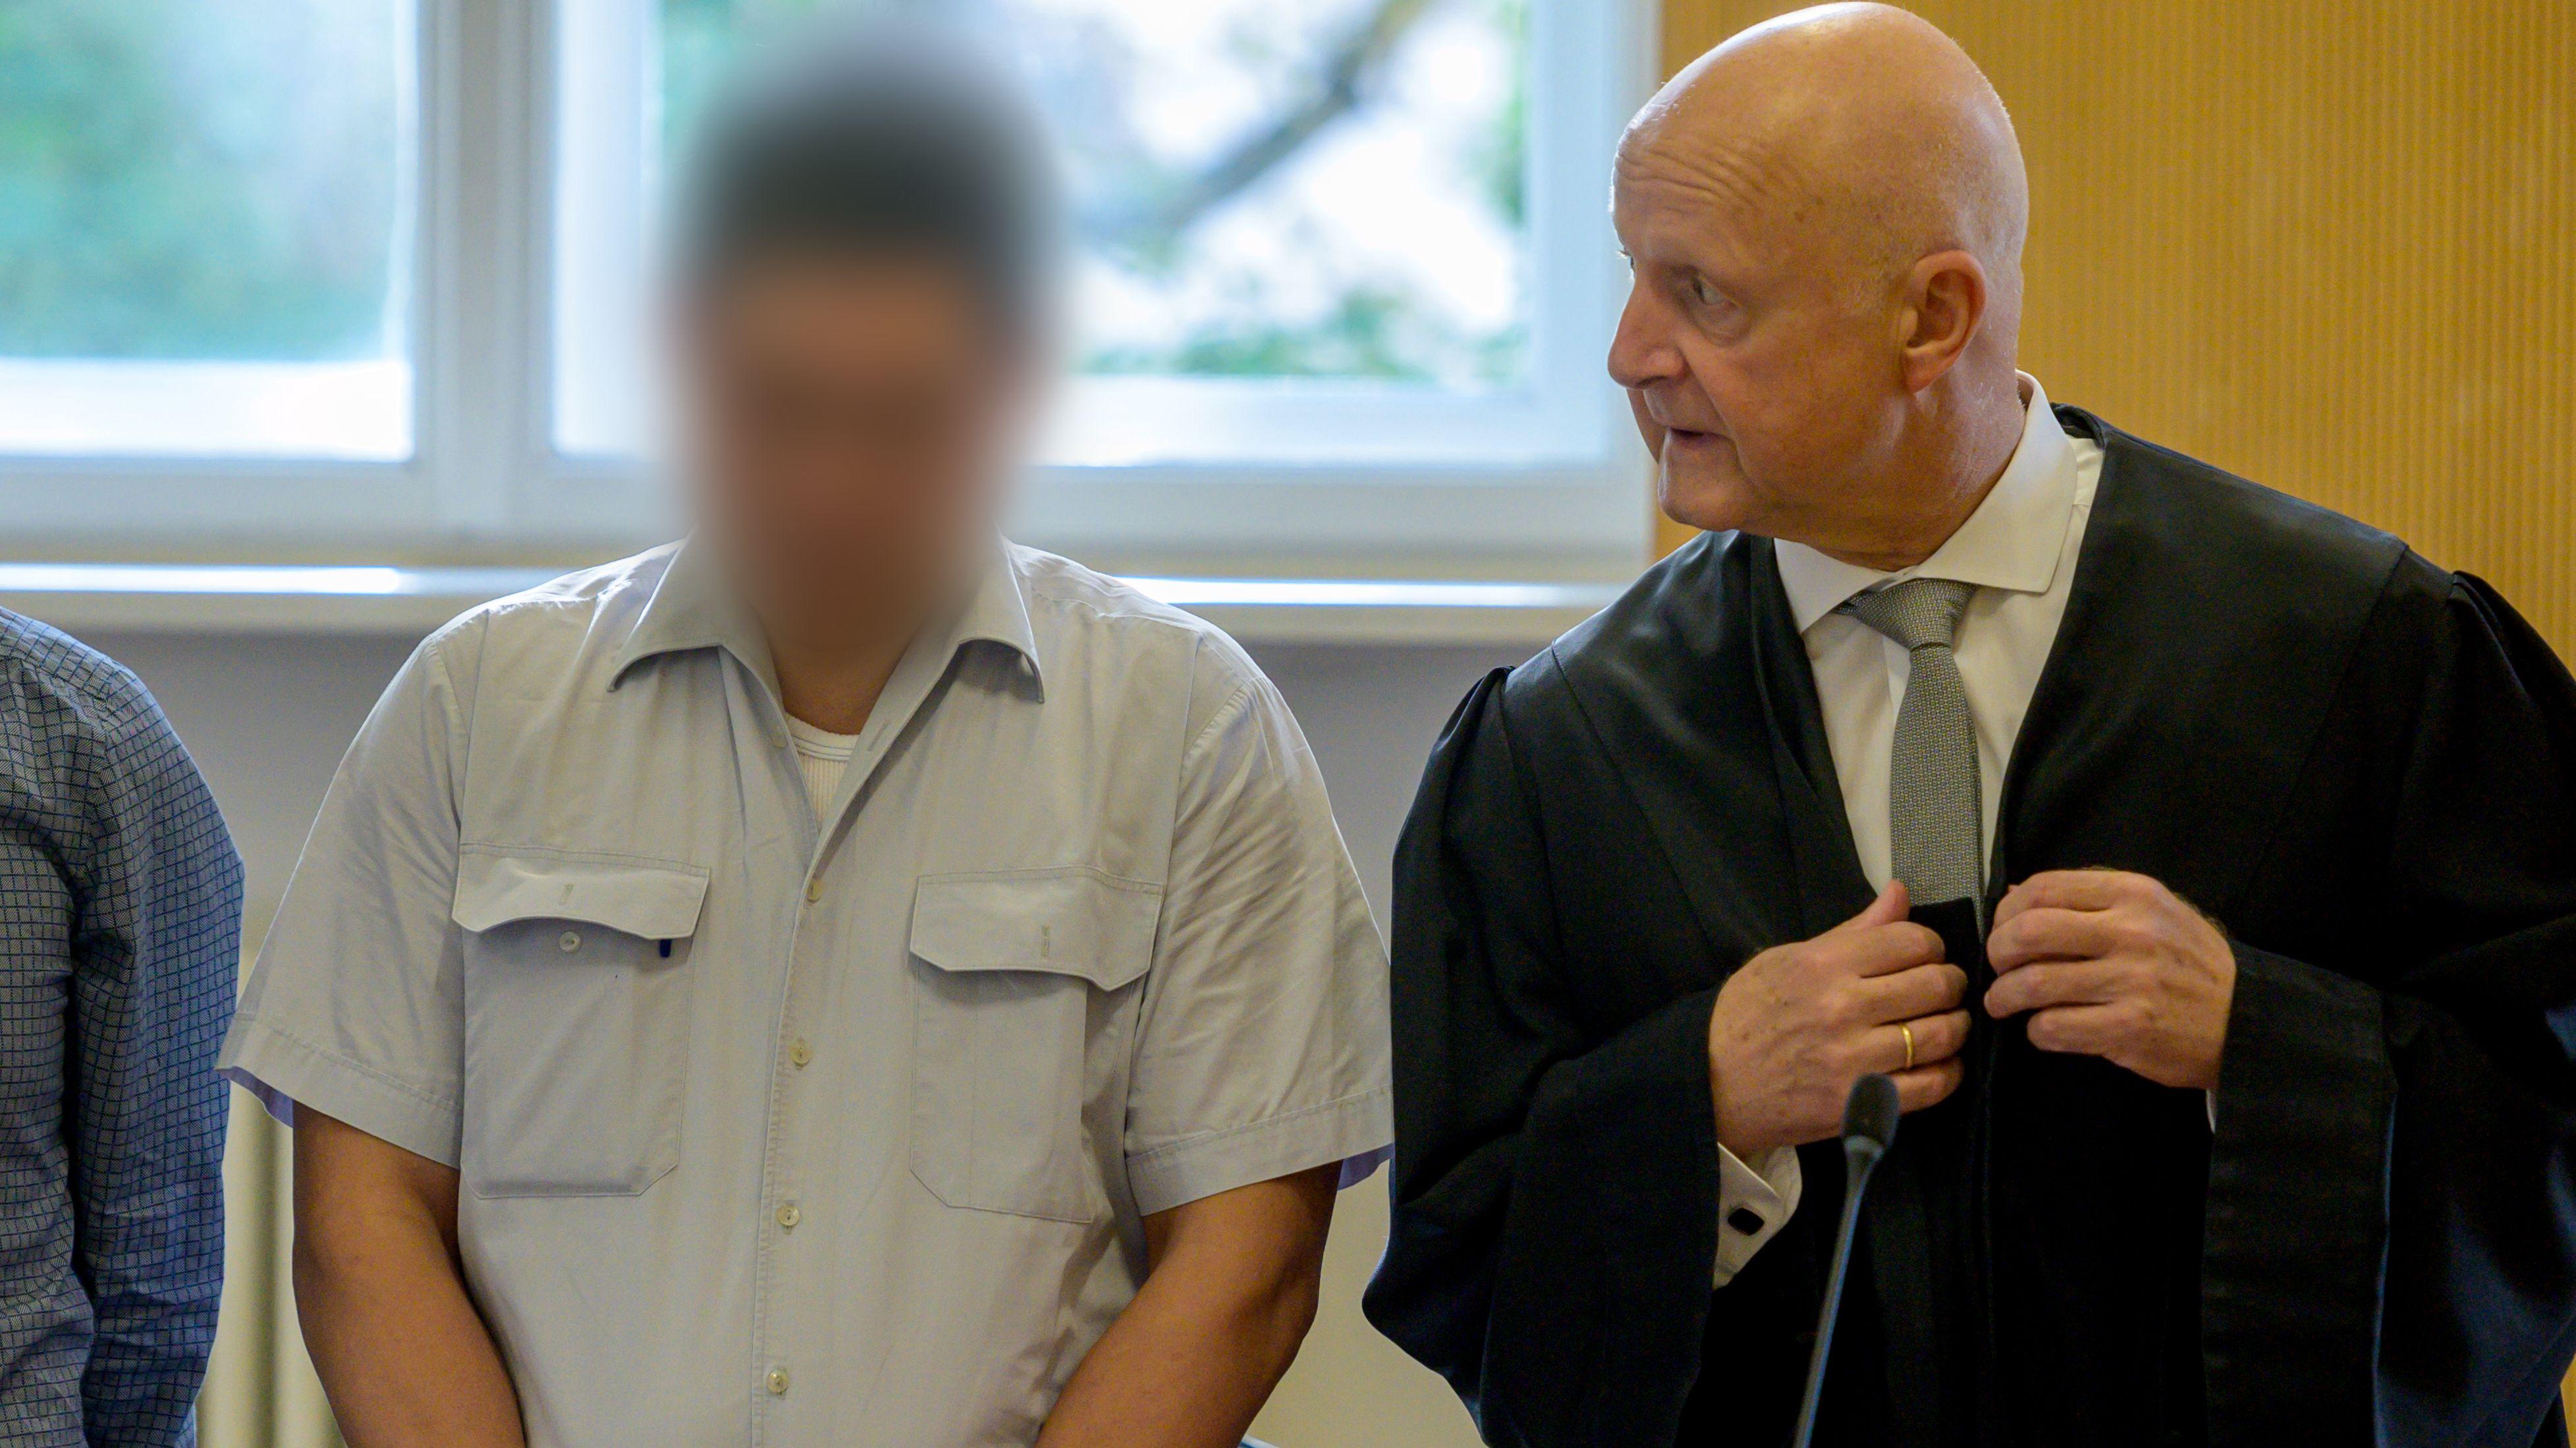 Der Angeklagte steht im Verhandlungssaal des Landgerichts Regensburg neben seinem Verteidiger Michael Haizmann.